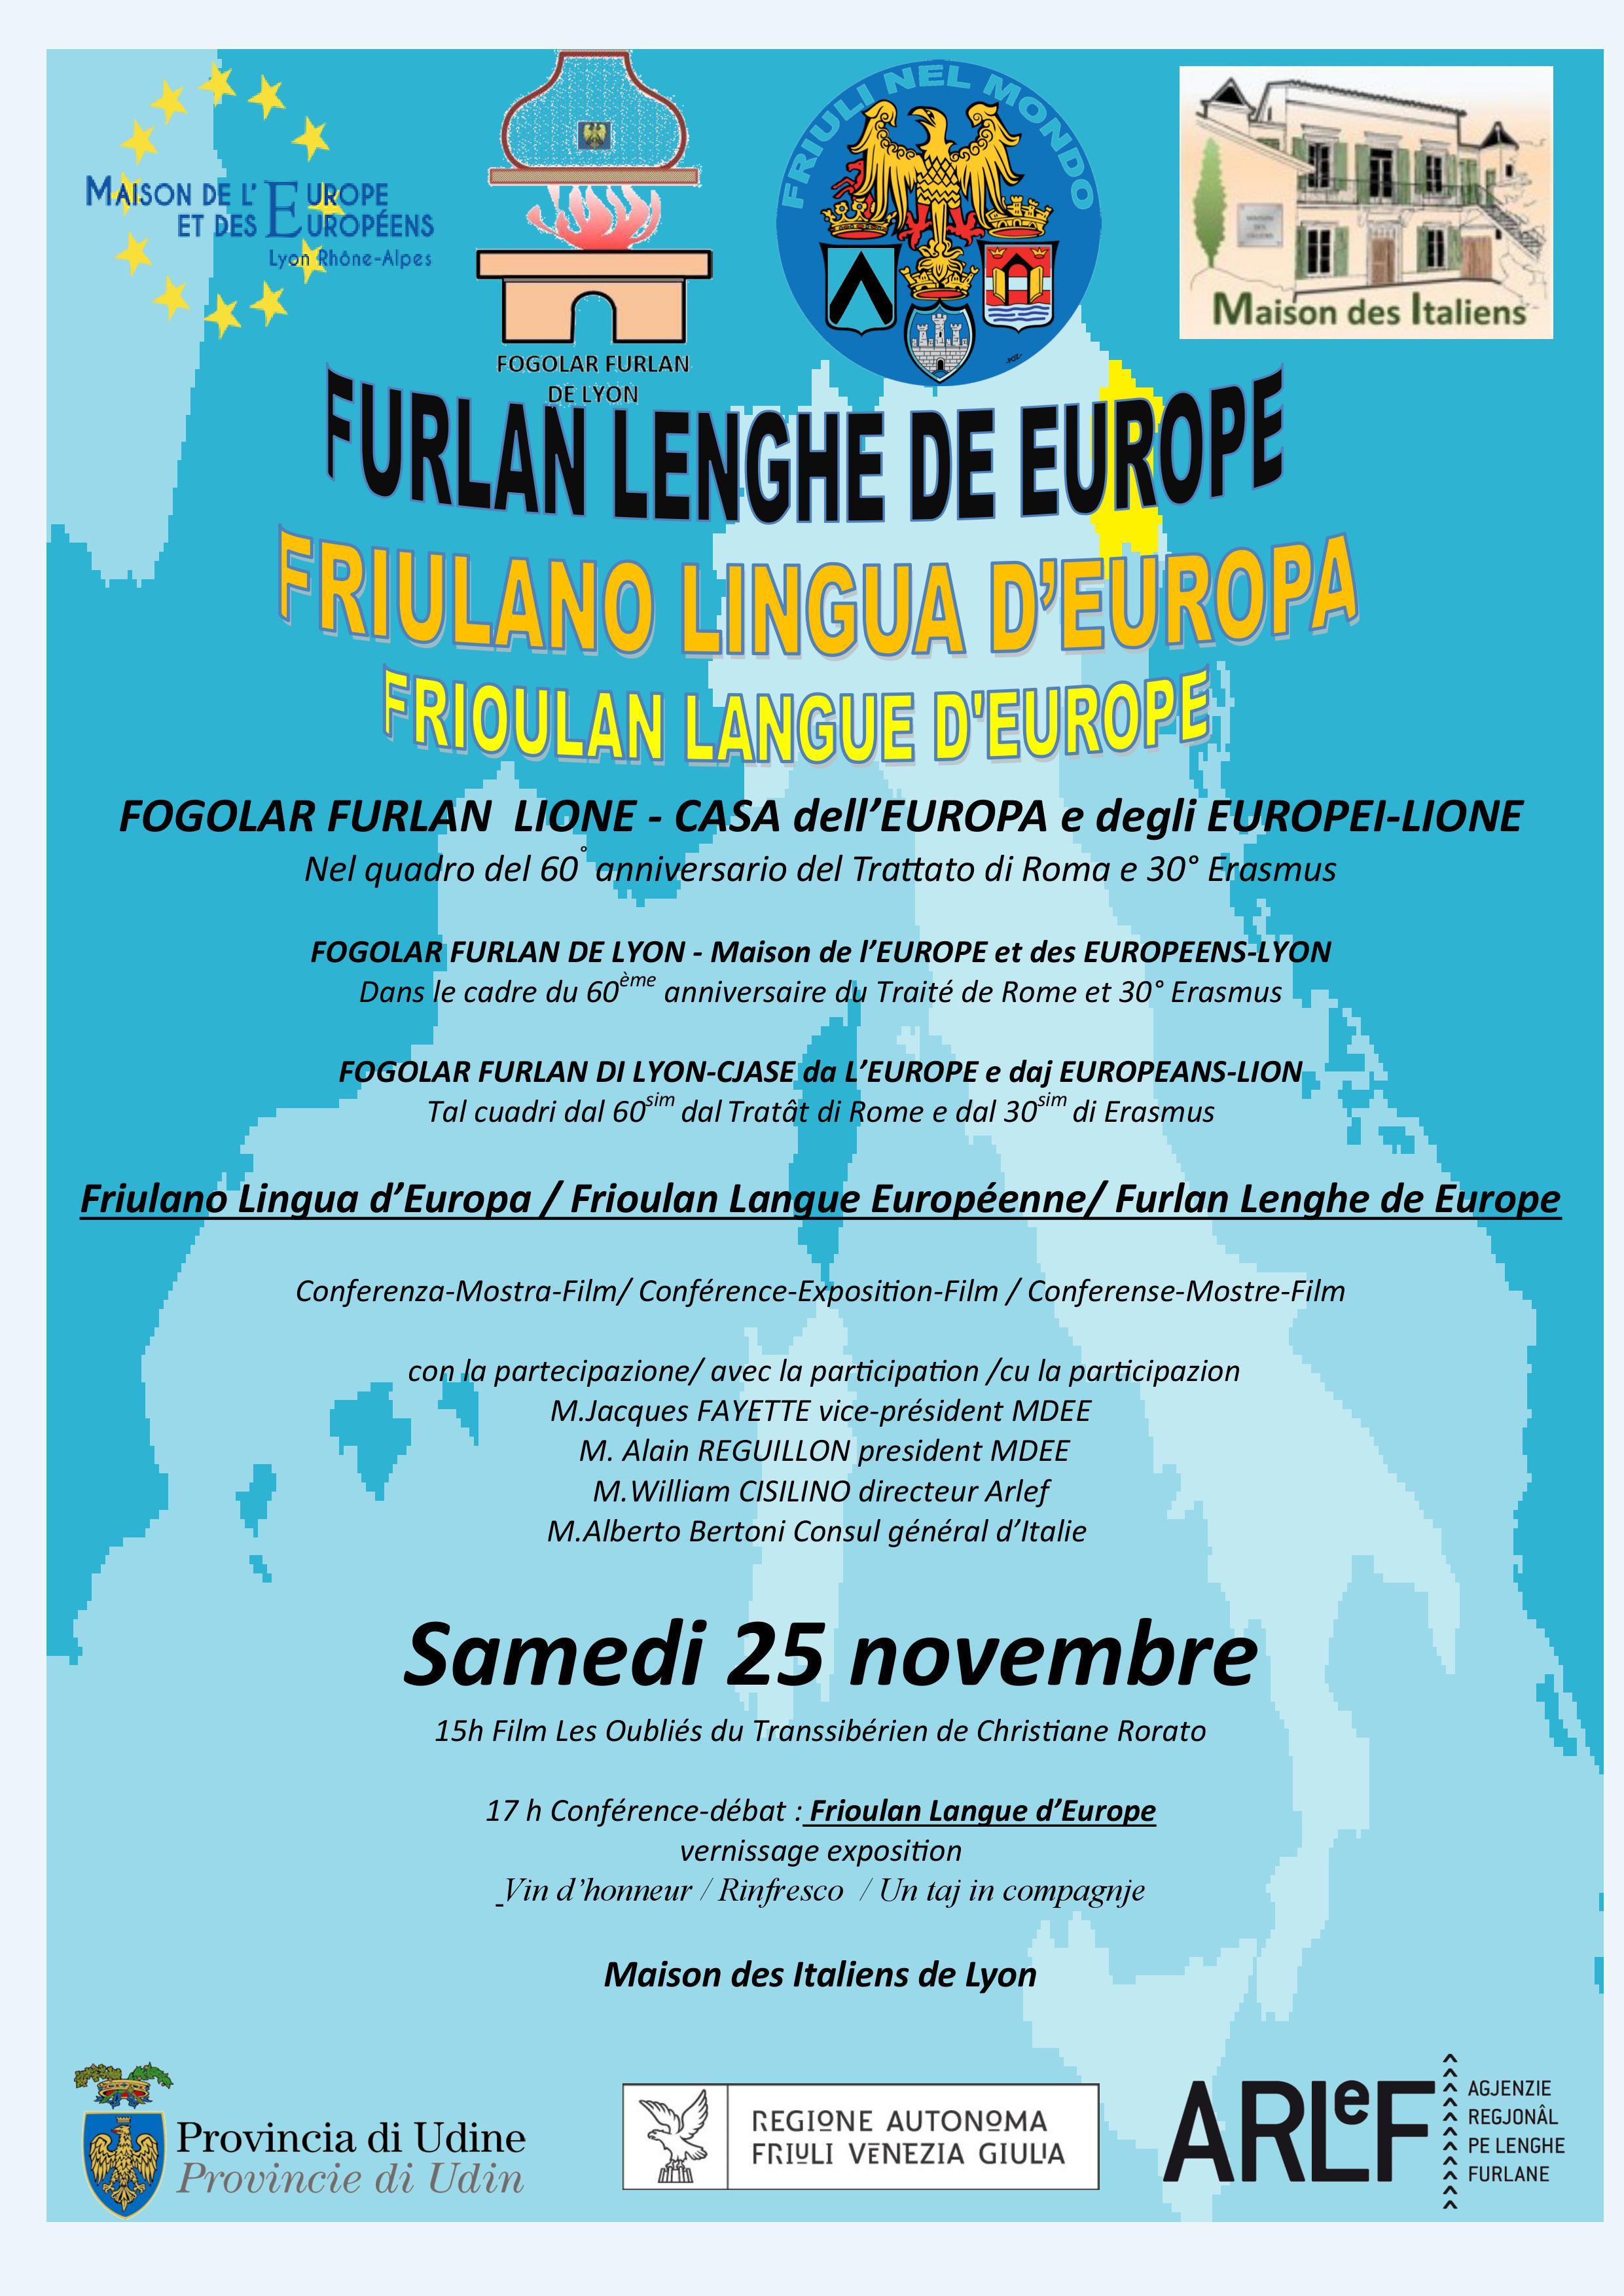 Friulano lingua d'Europa – Fogolâr Furlan di Lione, Casa dell'Europa, Maison des Italiens 82, rue du Dauphinè, 69003 Lyon – sabato 25 novembre dalle ore 15.00